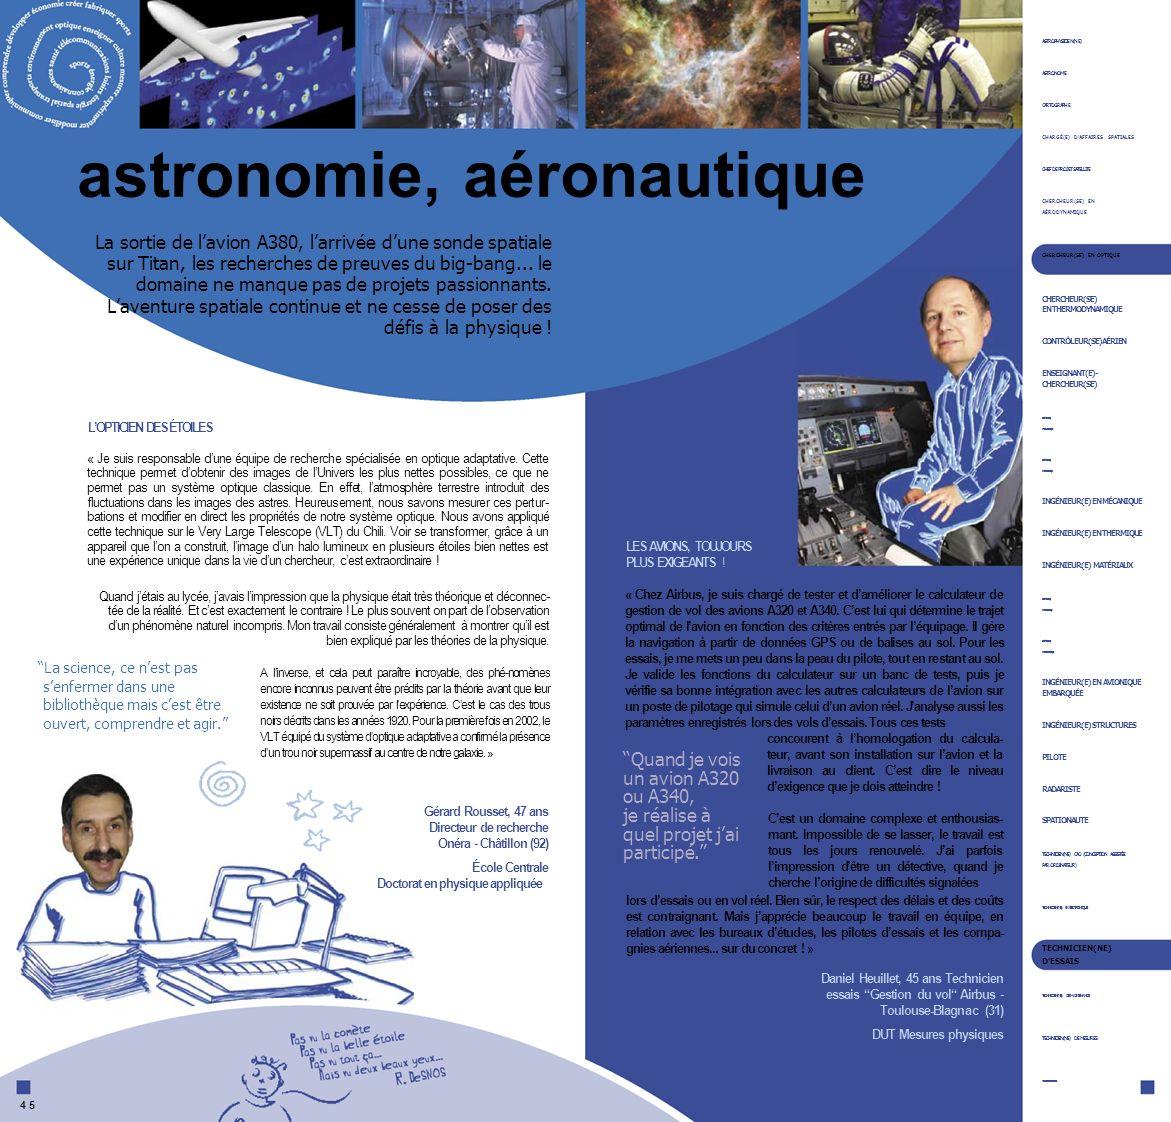 astronomie, aéronautique ASTROPHYSICIEN(NE) ASTRONOME CARTOGRAPHE CHARGÉ(E) DAFFAIRES SPATIALES CHEF DE PROJET SATELLITE CHERCHEUR(SE) EN AÉRODYNAMIQU